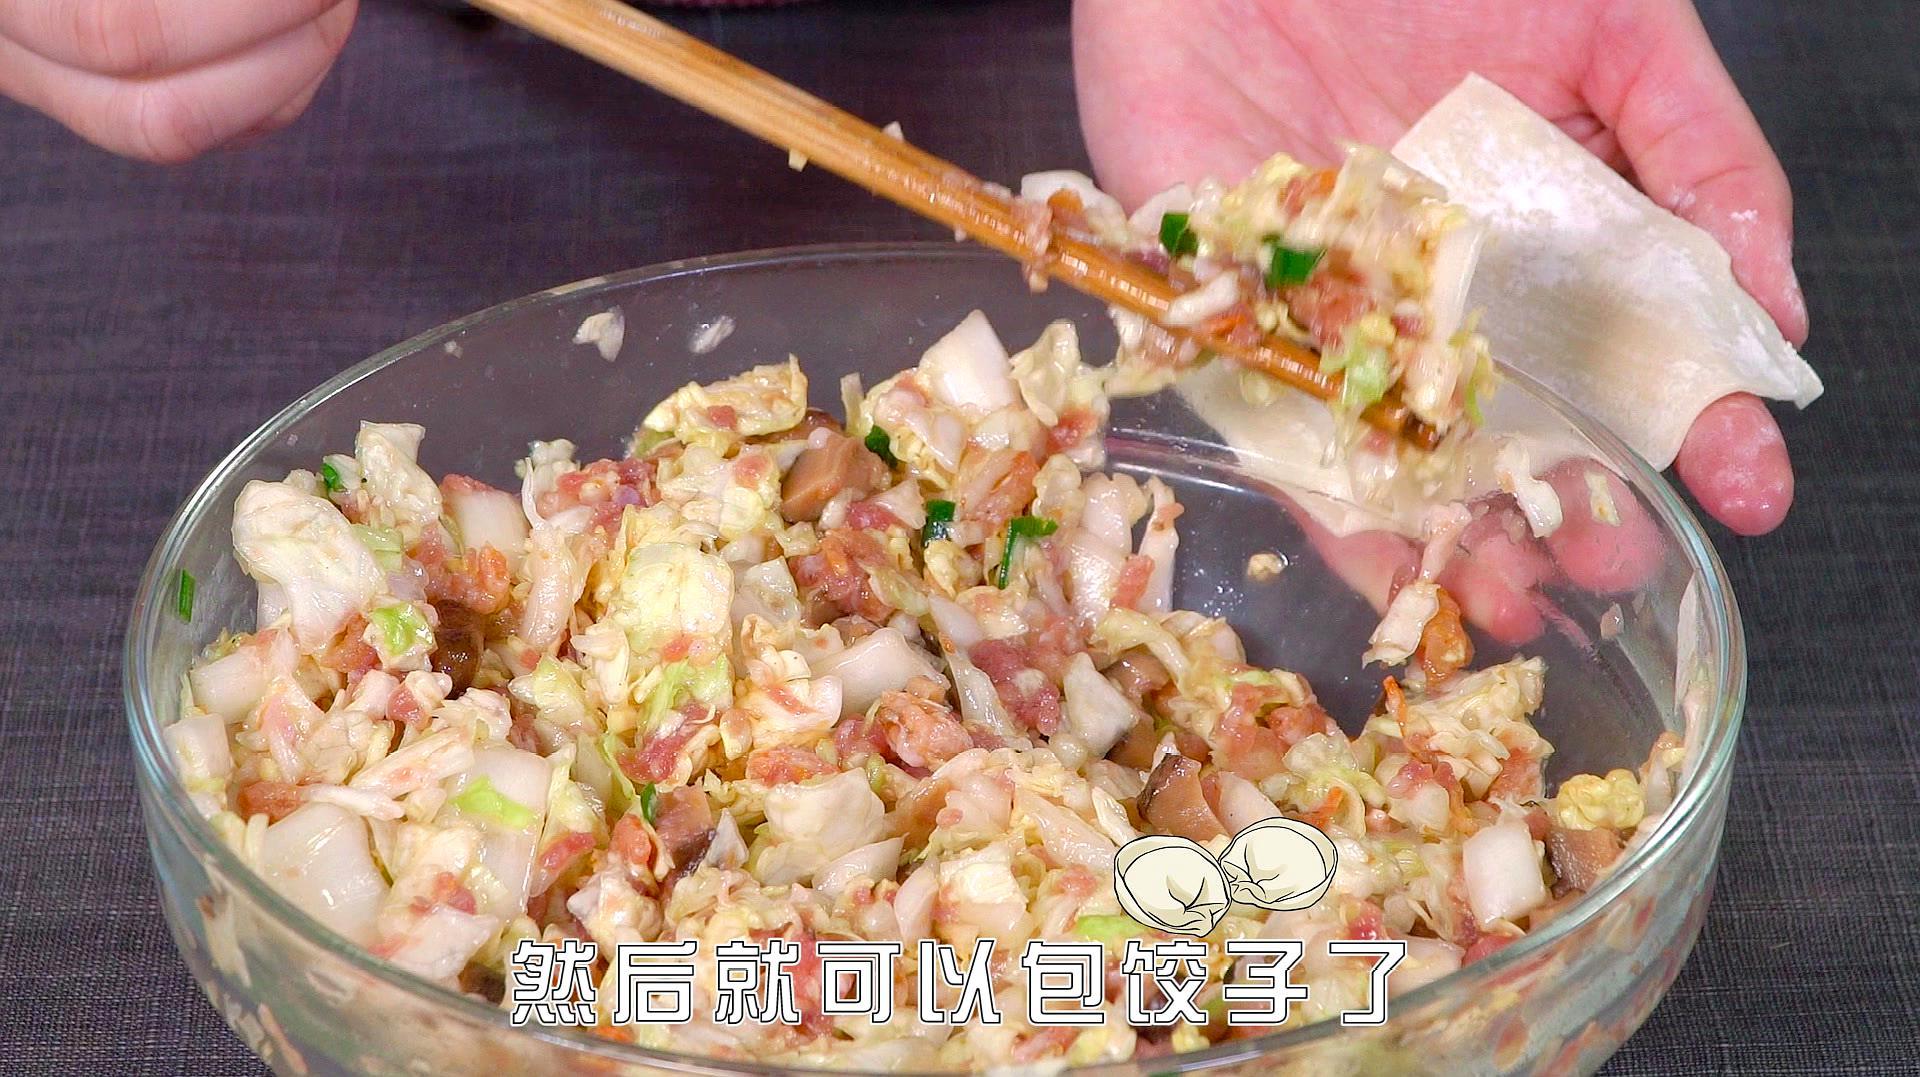 元宵节不只有吃元宵和汤圆!很多地区也爱吃饺子!